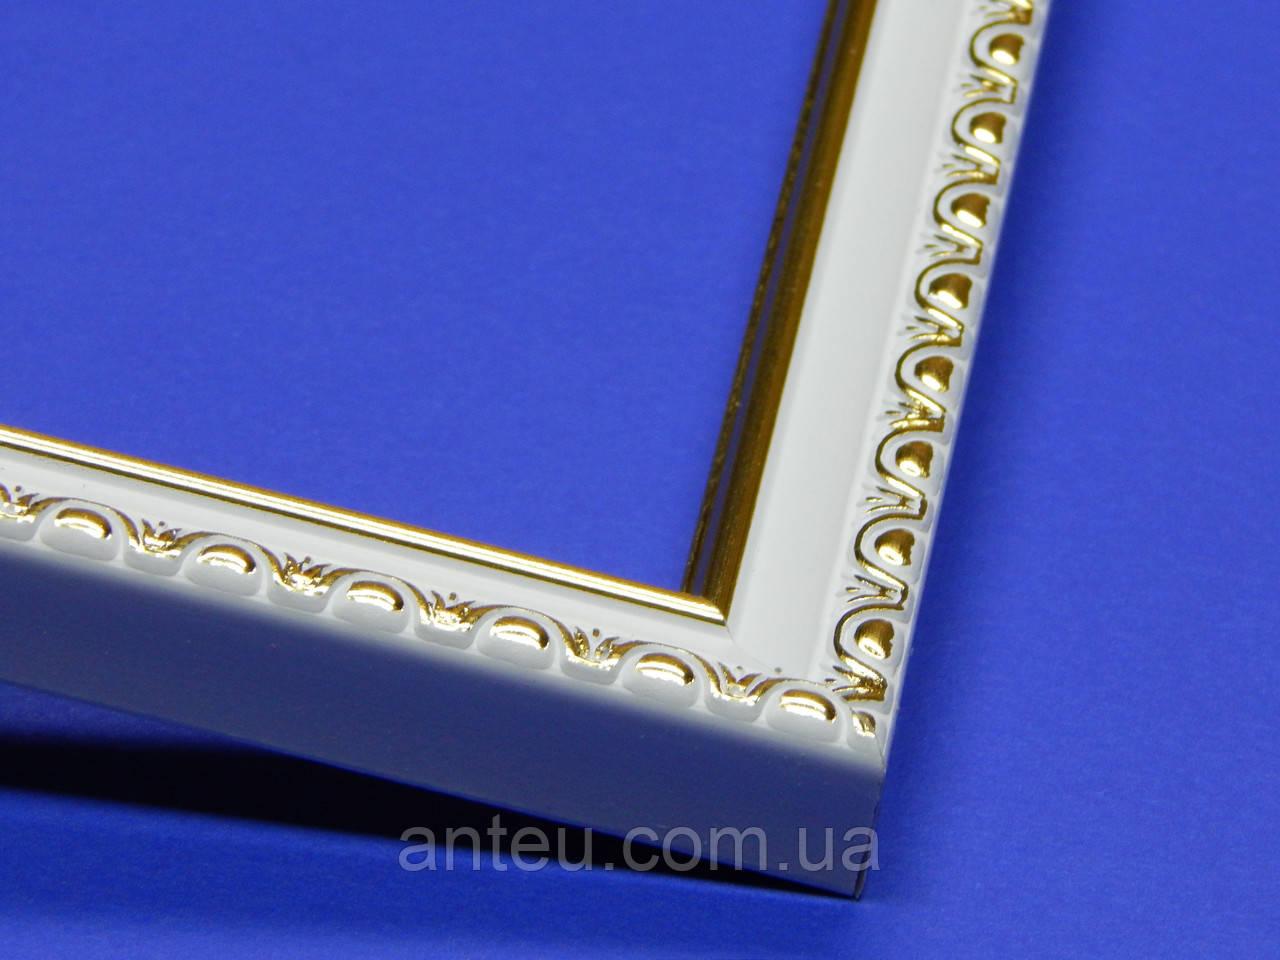 Рамка 30х40.Профиль 17 мм.белая с золотом.